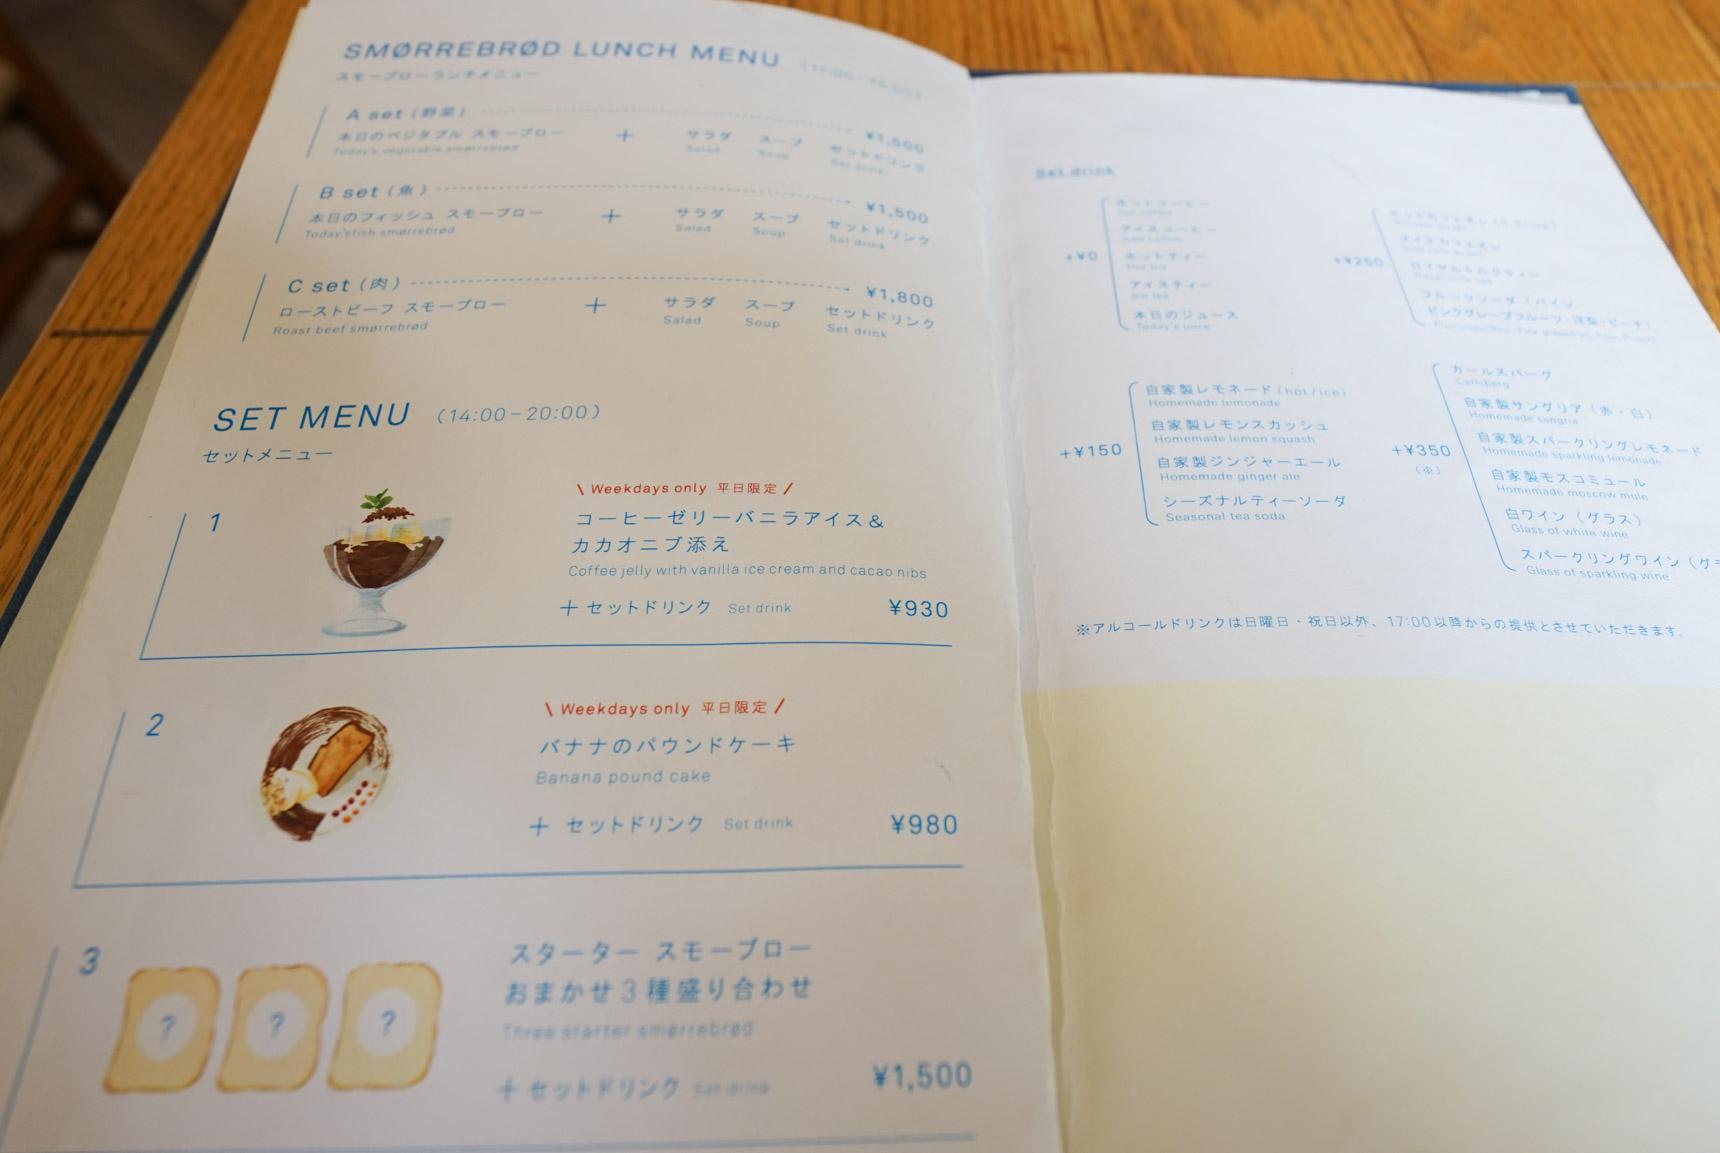 ランチのメニューは、野菜、魚、肉の3つの種類の中からスモーブローをひとつ、それにサラダ、スープ、ドリンクがつきます